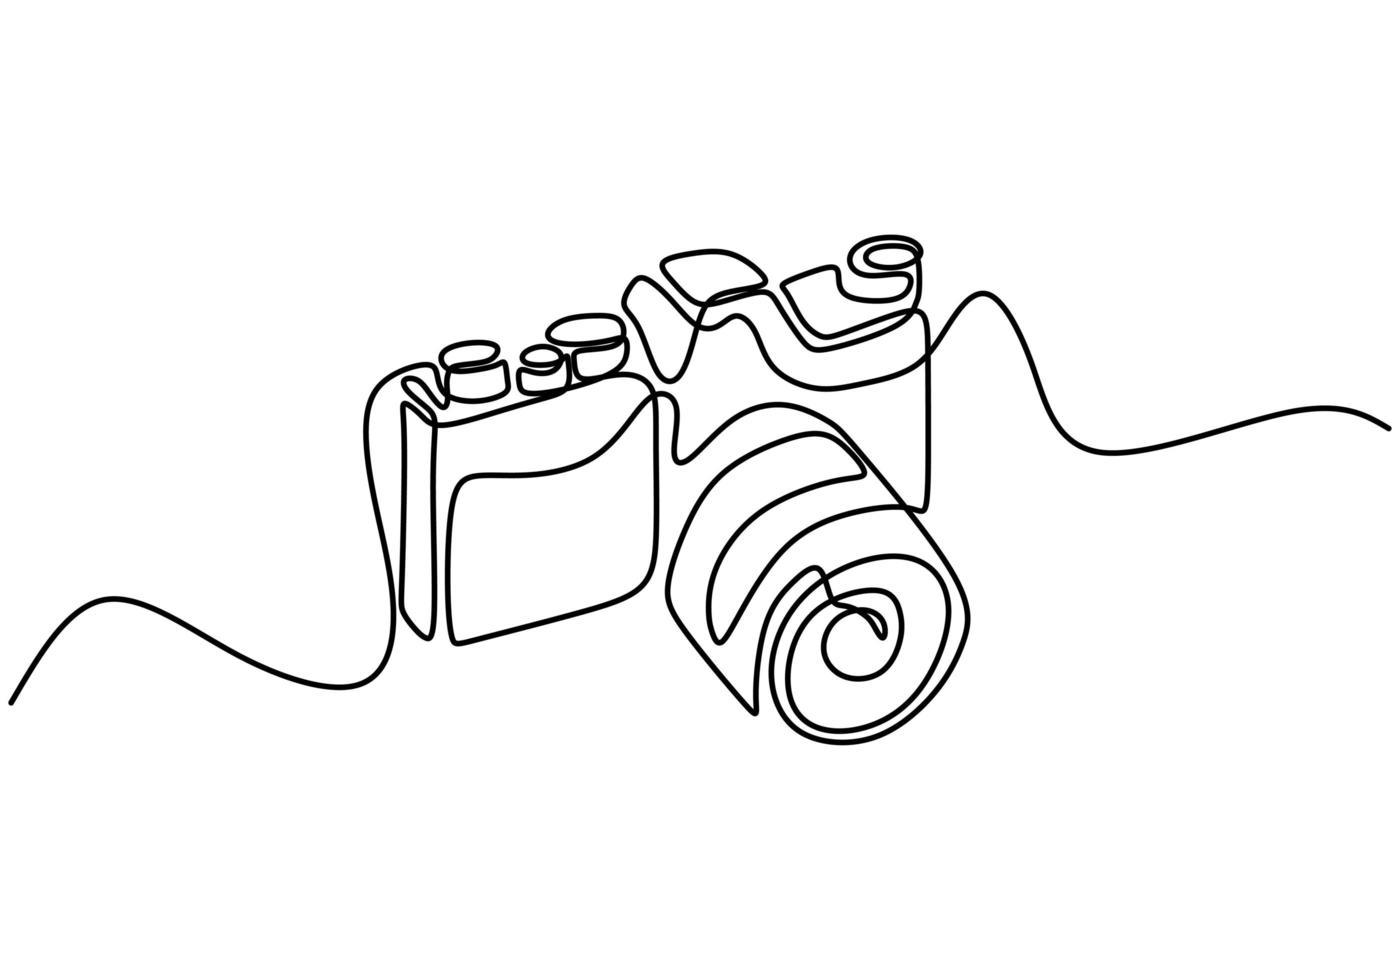 Vector Digital De La Cámara Réflex Digital Un Dibujo Continuo De Una Sola Línea Dibujo Continuo De Una Línea De Cámara De Fotos Profesional Descargar Vectores Gratis Illustrator Graficos Plantillas Diseño